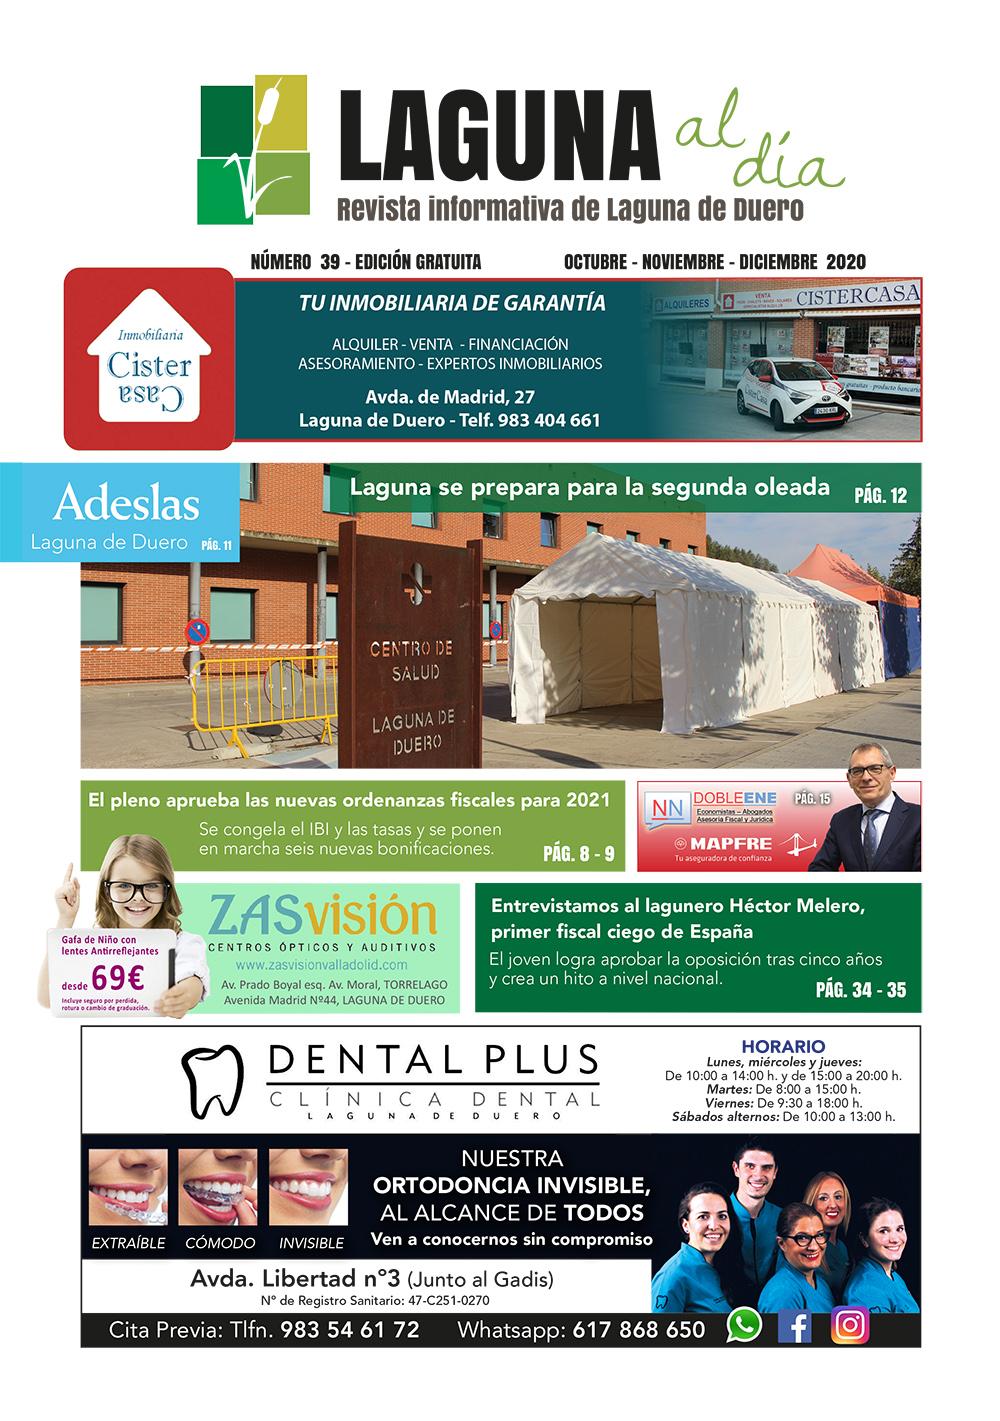 Portada de la trigésimo novena edición de la revista Laguna al Día